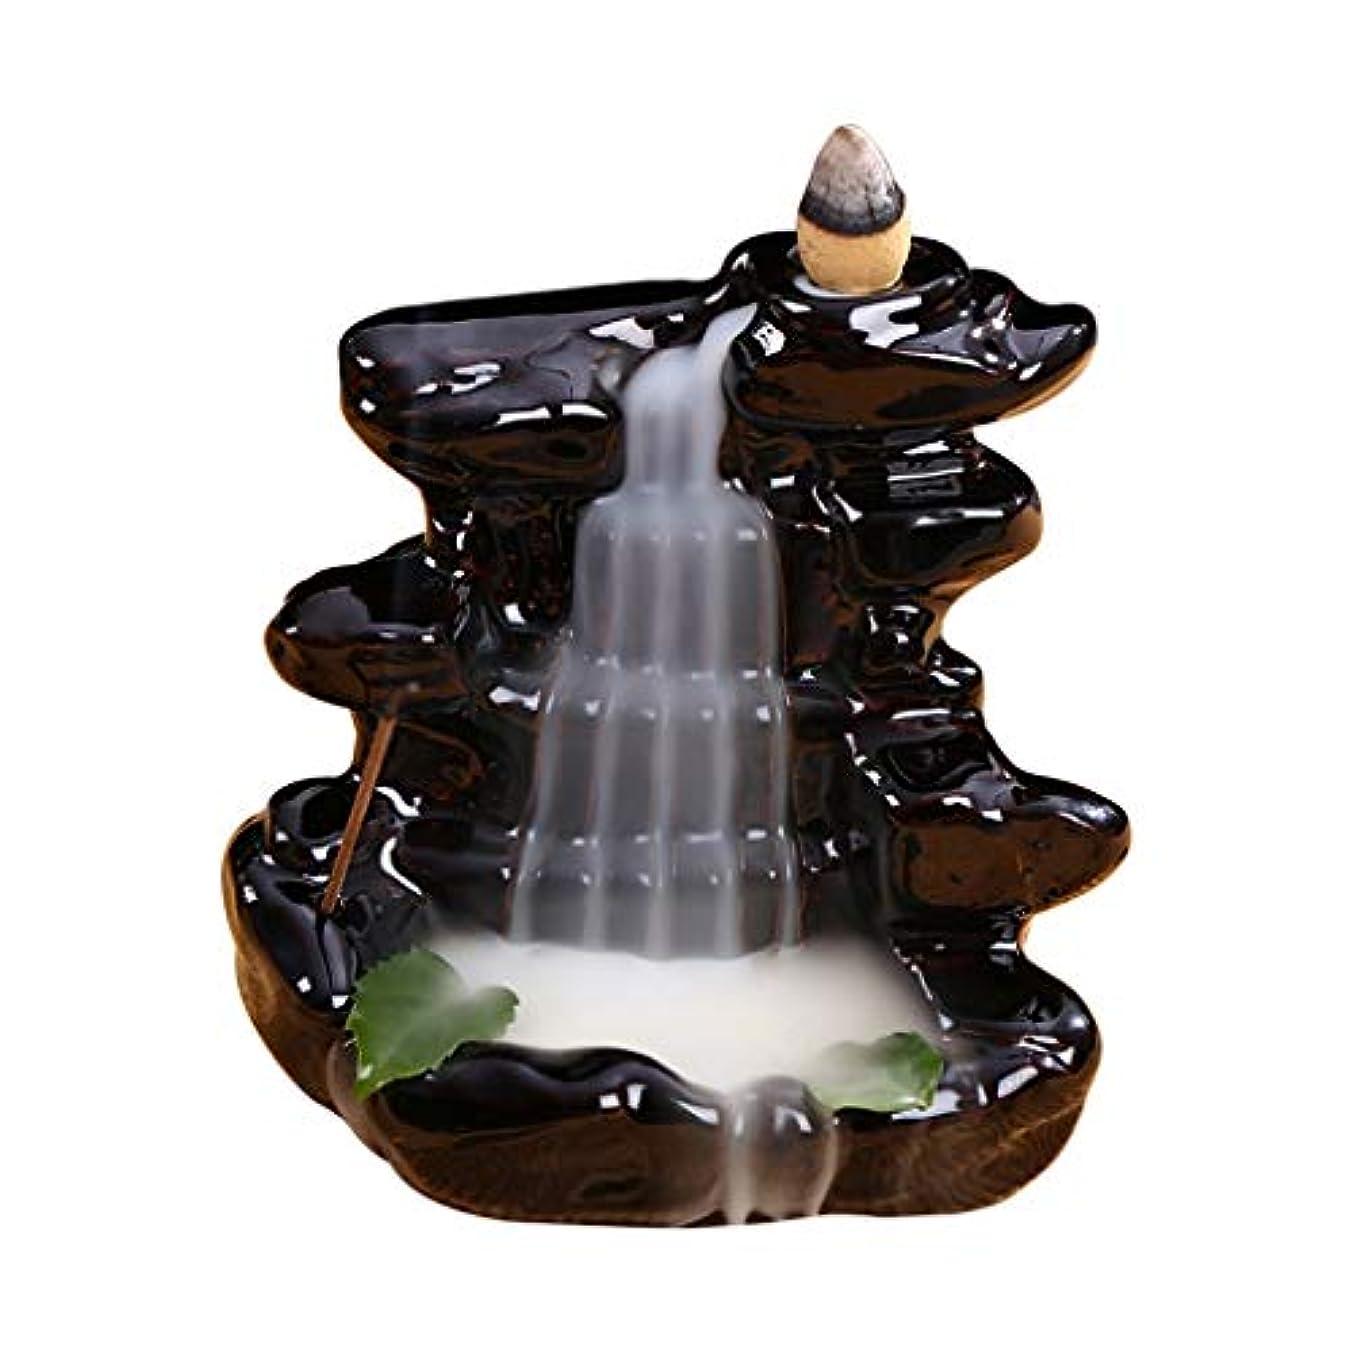 怠けたまたねあたたかい渓流セラミック香炉バックフロー滝香ホルダーホーム香り装飾香スティックコーンバーナーホルダー (Color : Black, サイズ : 4.33*4.44 inches)